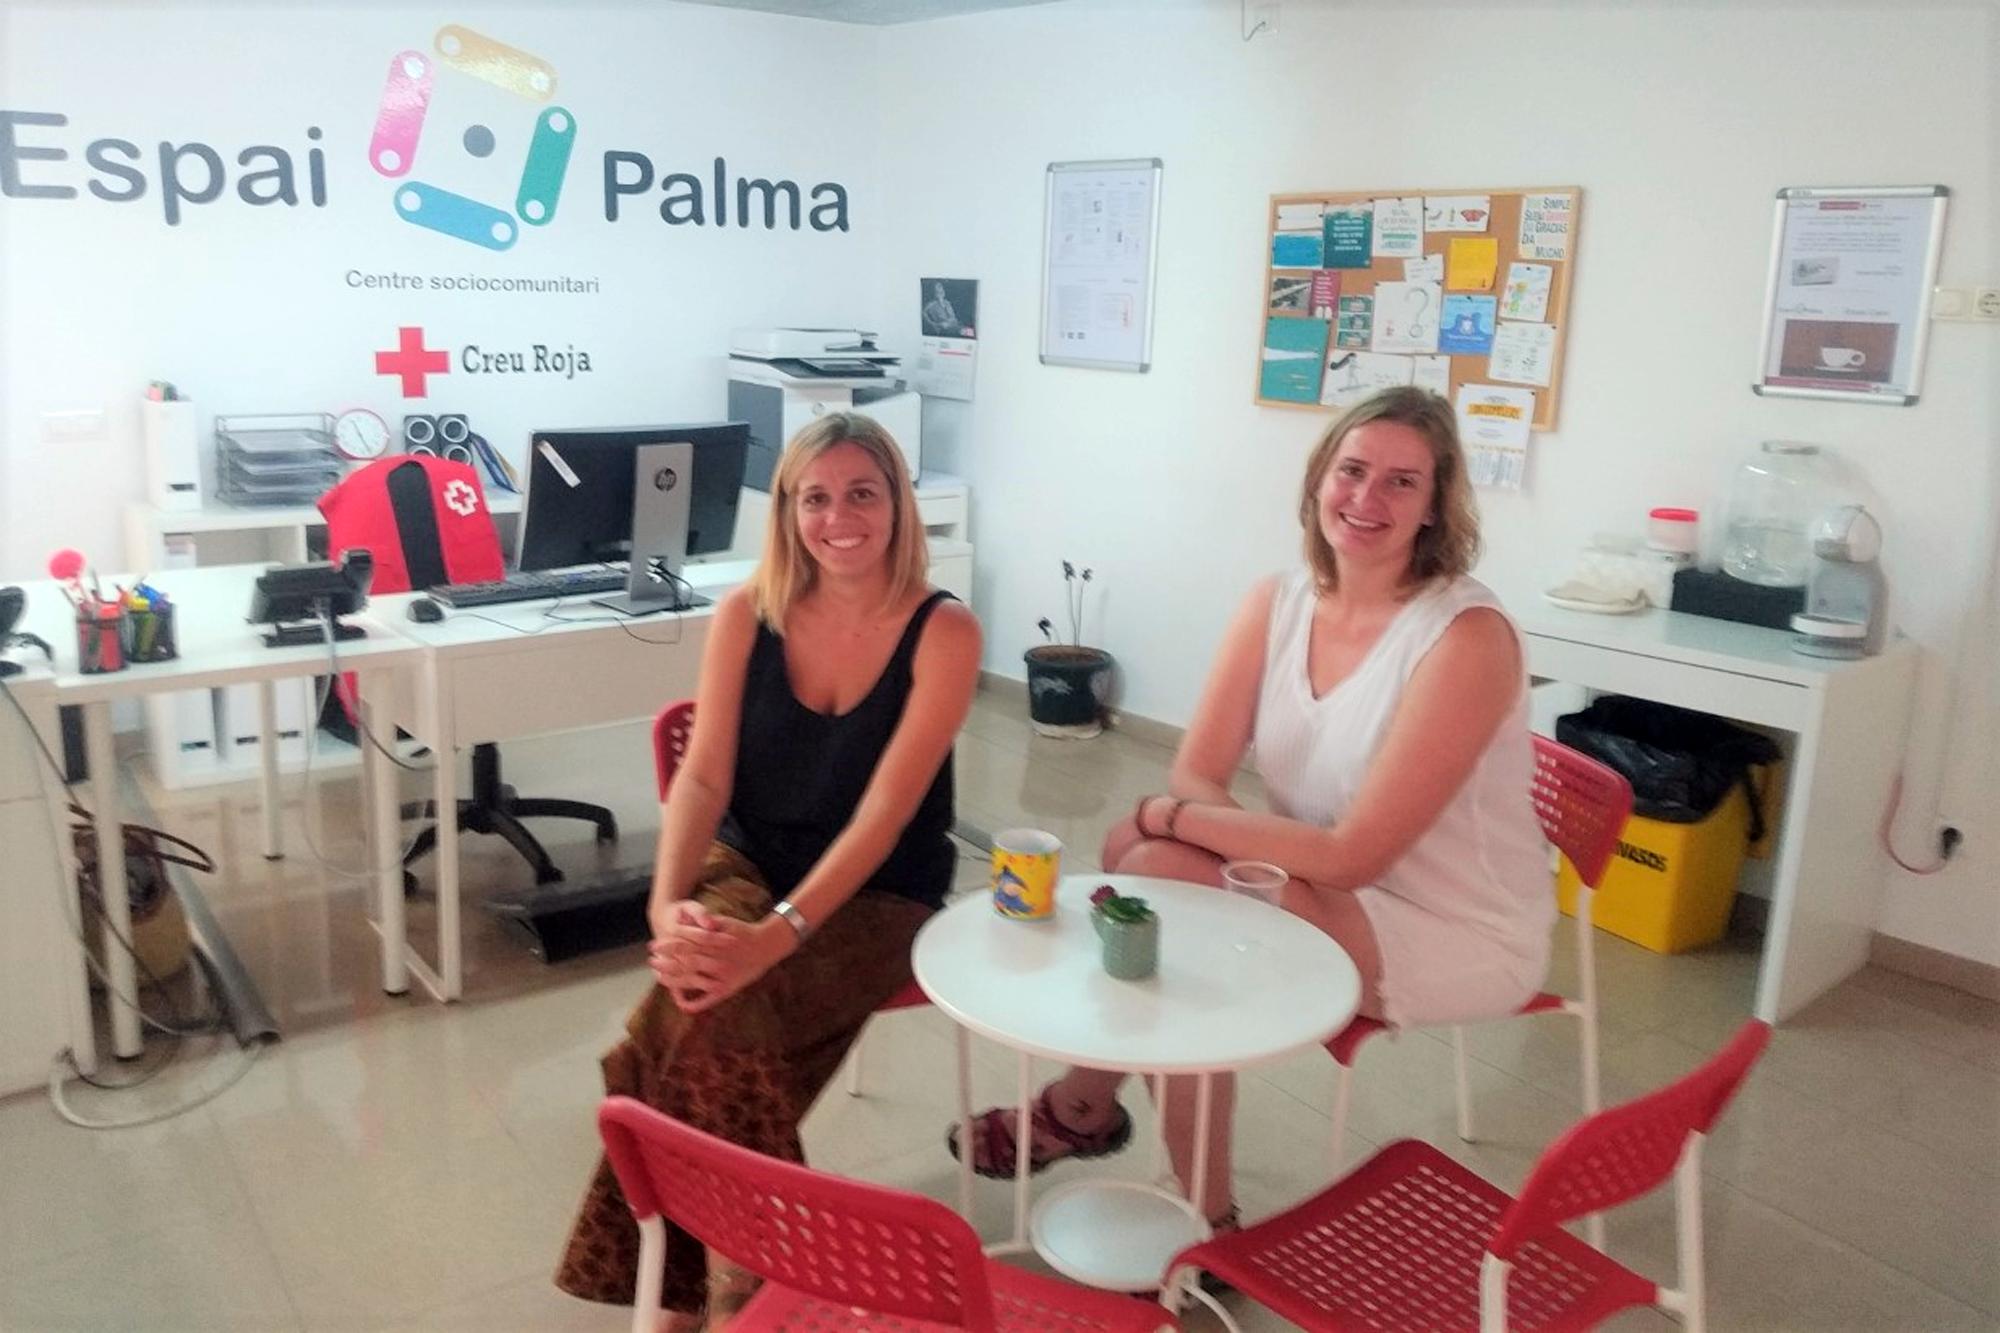 Espai Palma: Un Centre Obert A Totes Les Persones